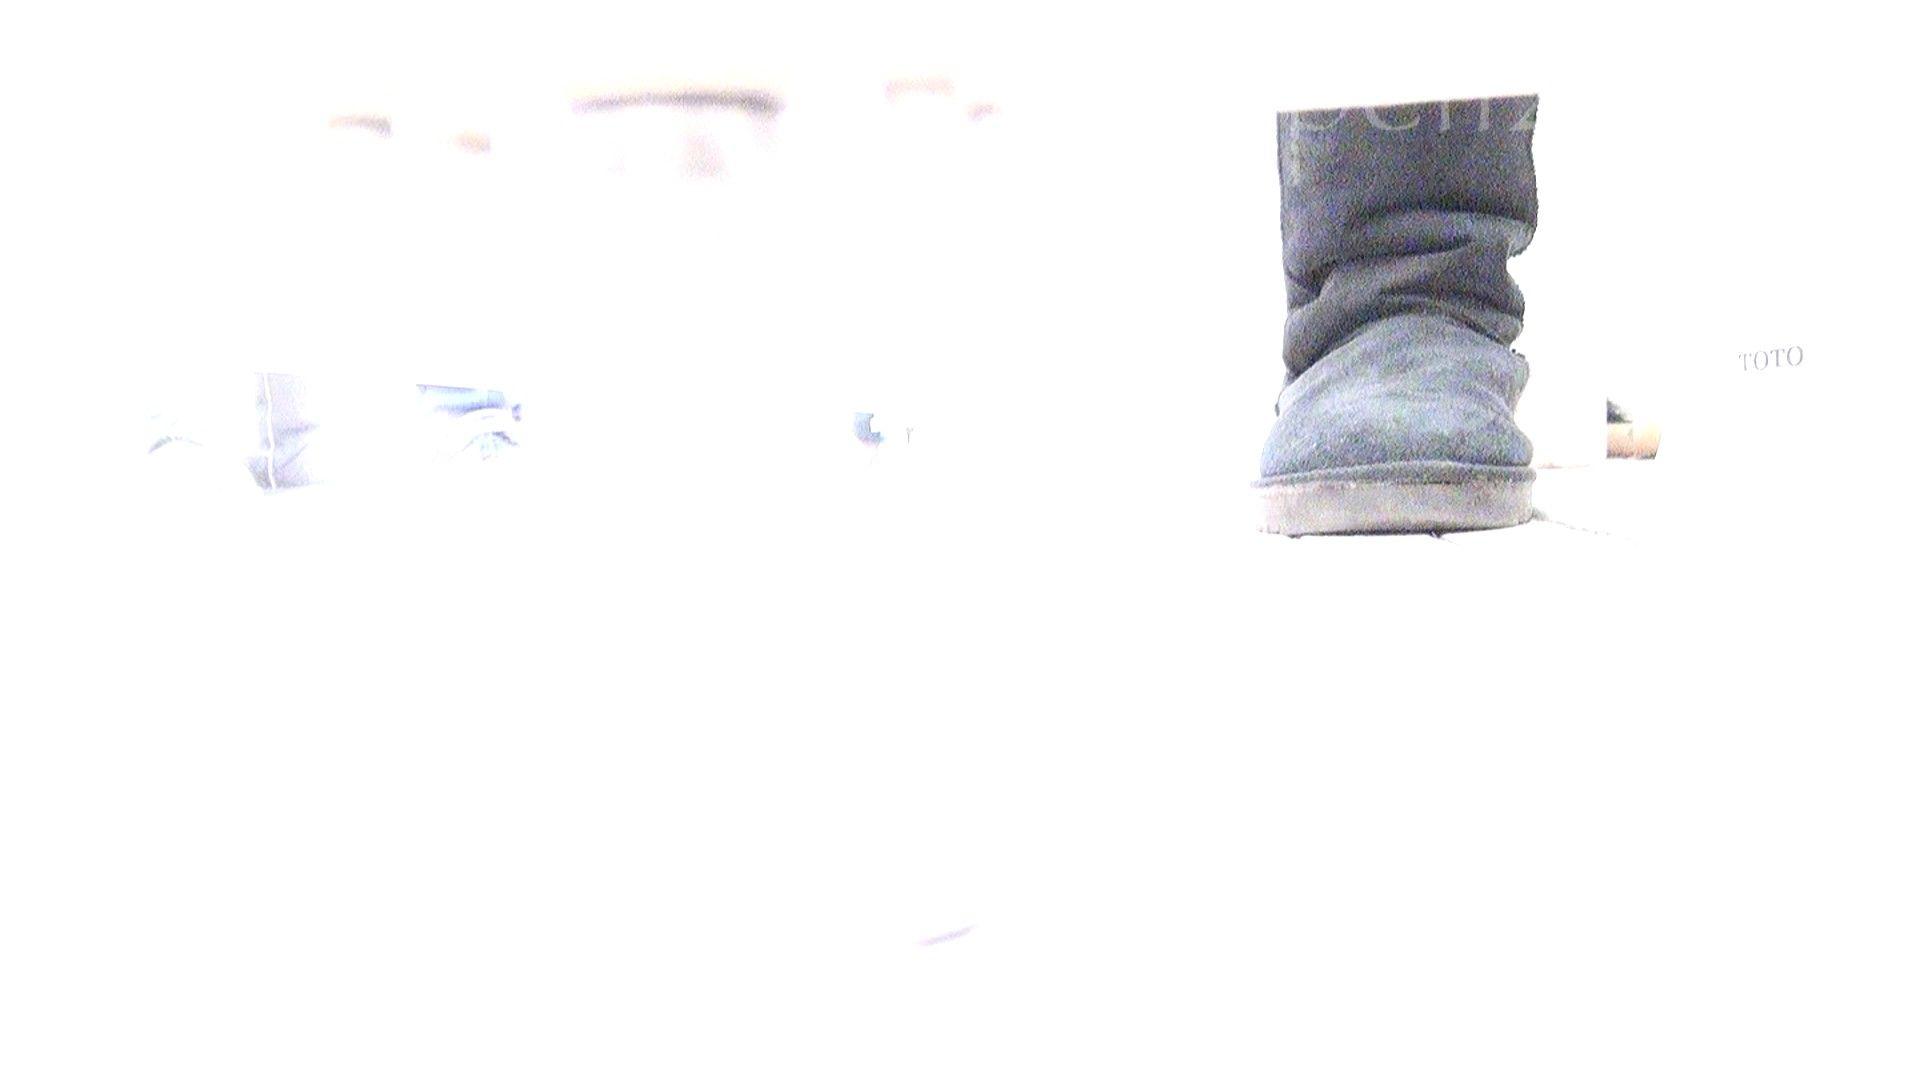 巨乳おまんこ:※100個限定販売 至高下半身盗撮 プレミアム Vol.29 ハイビジョン:怪盗ジョーカー